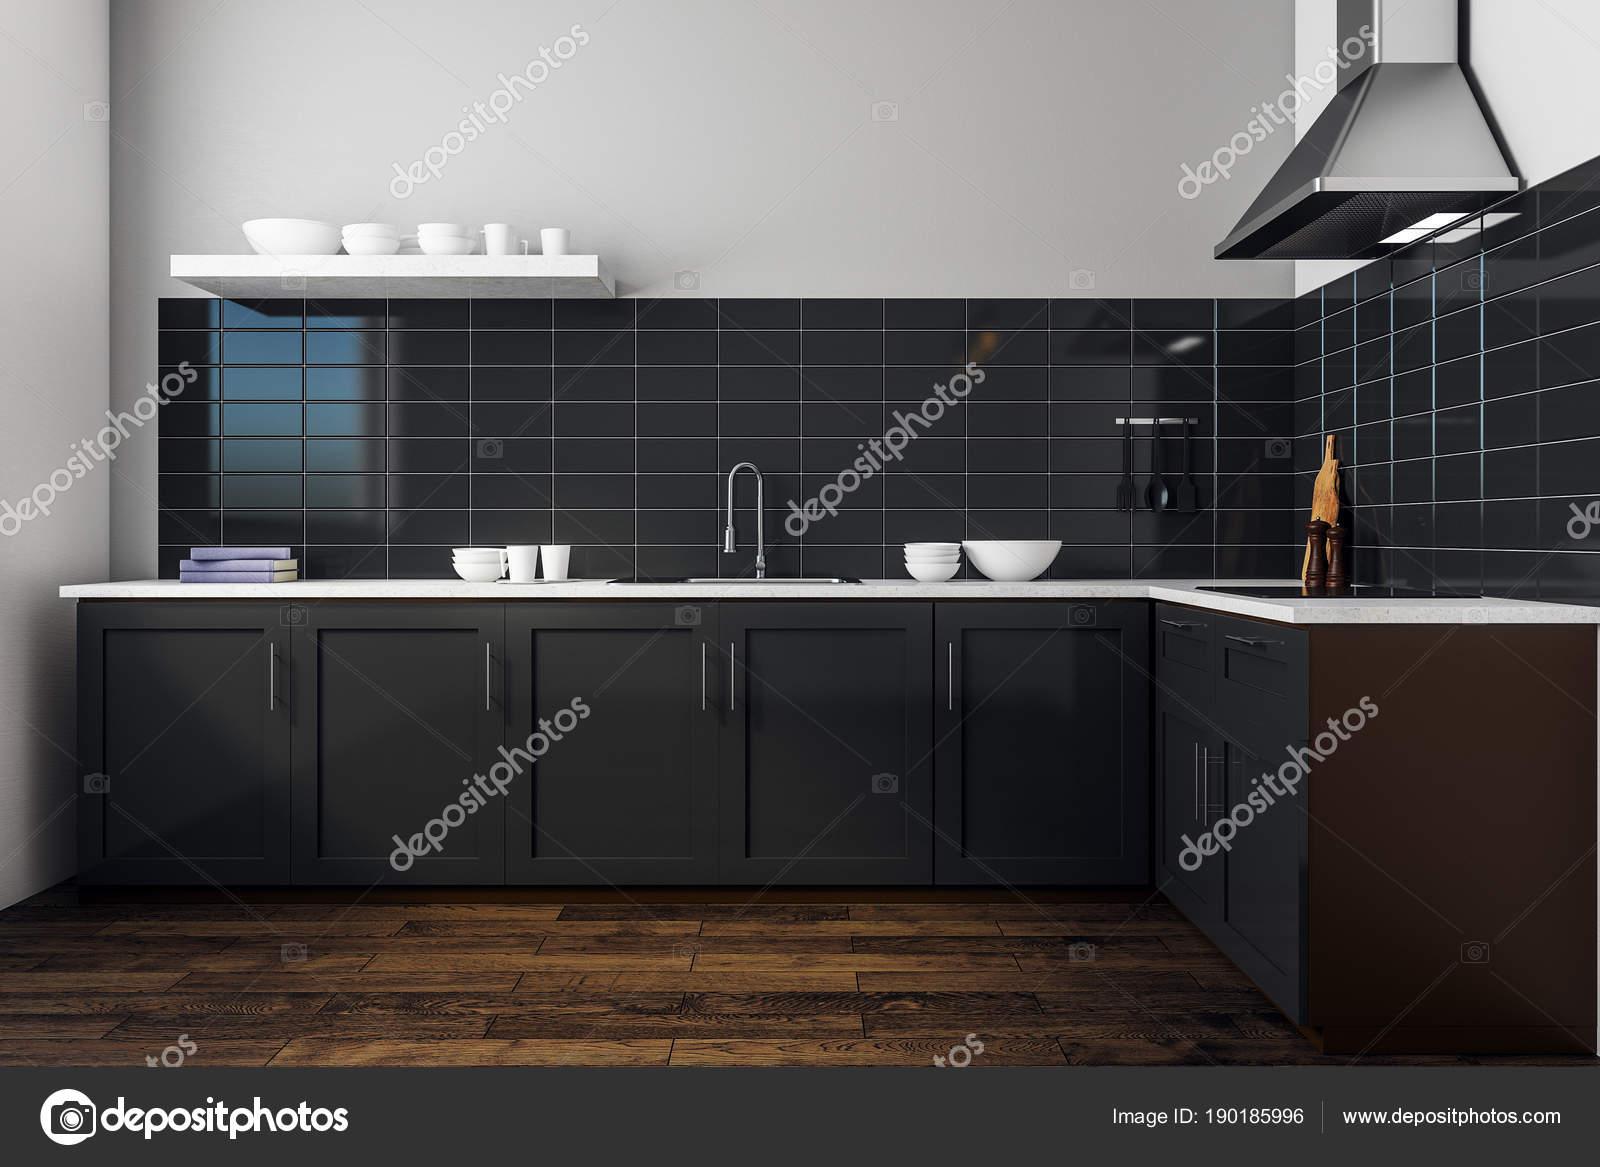 Moderne Zwarte Keuken : Moderne zwarte keuken interieur u stockfoto peshkova